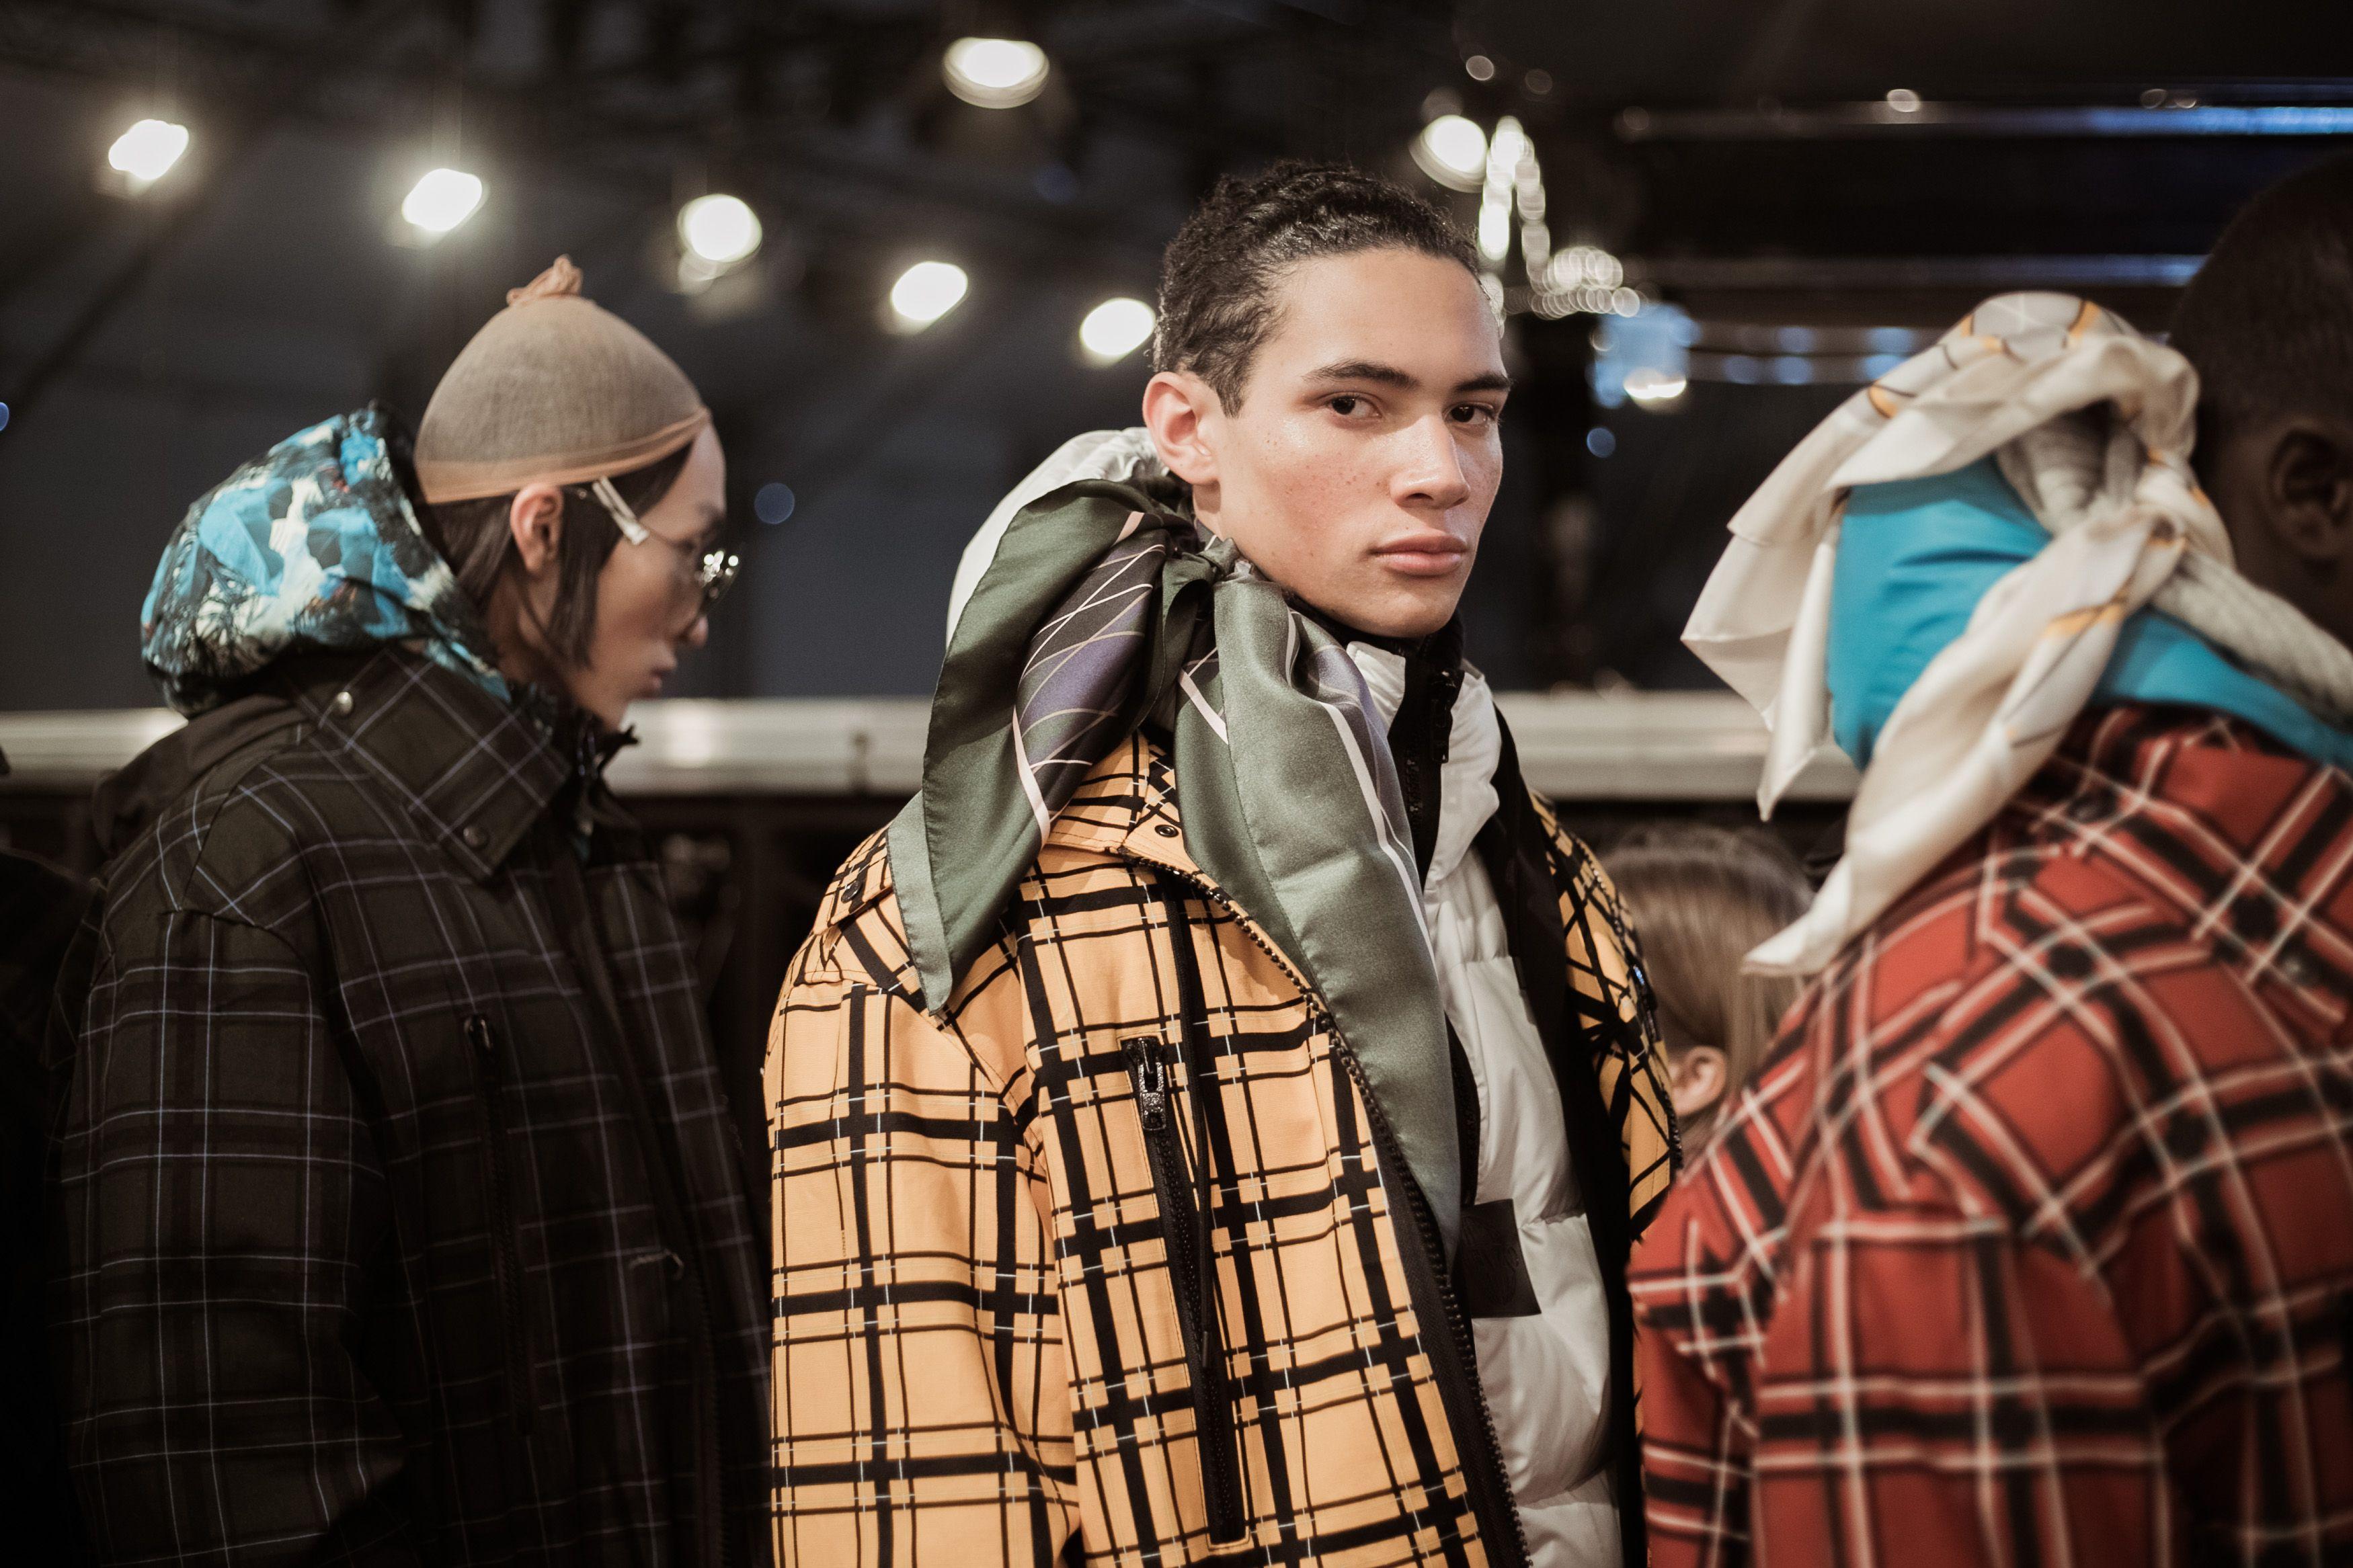 Le tendenze della moda uomo per l autunno inverno 2017 2018 e9c12e7cff9